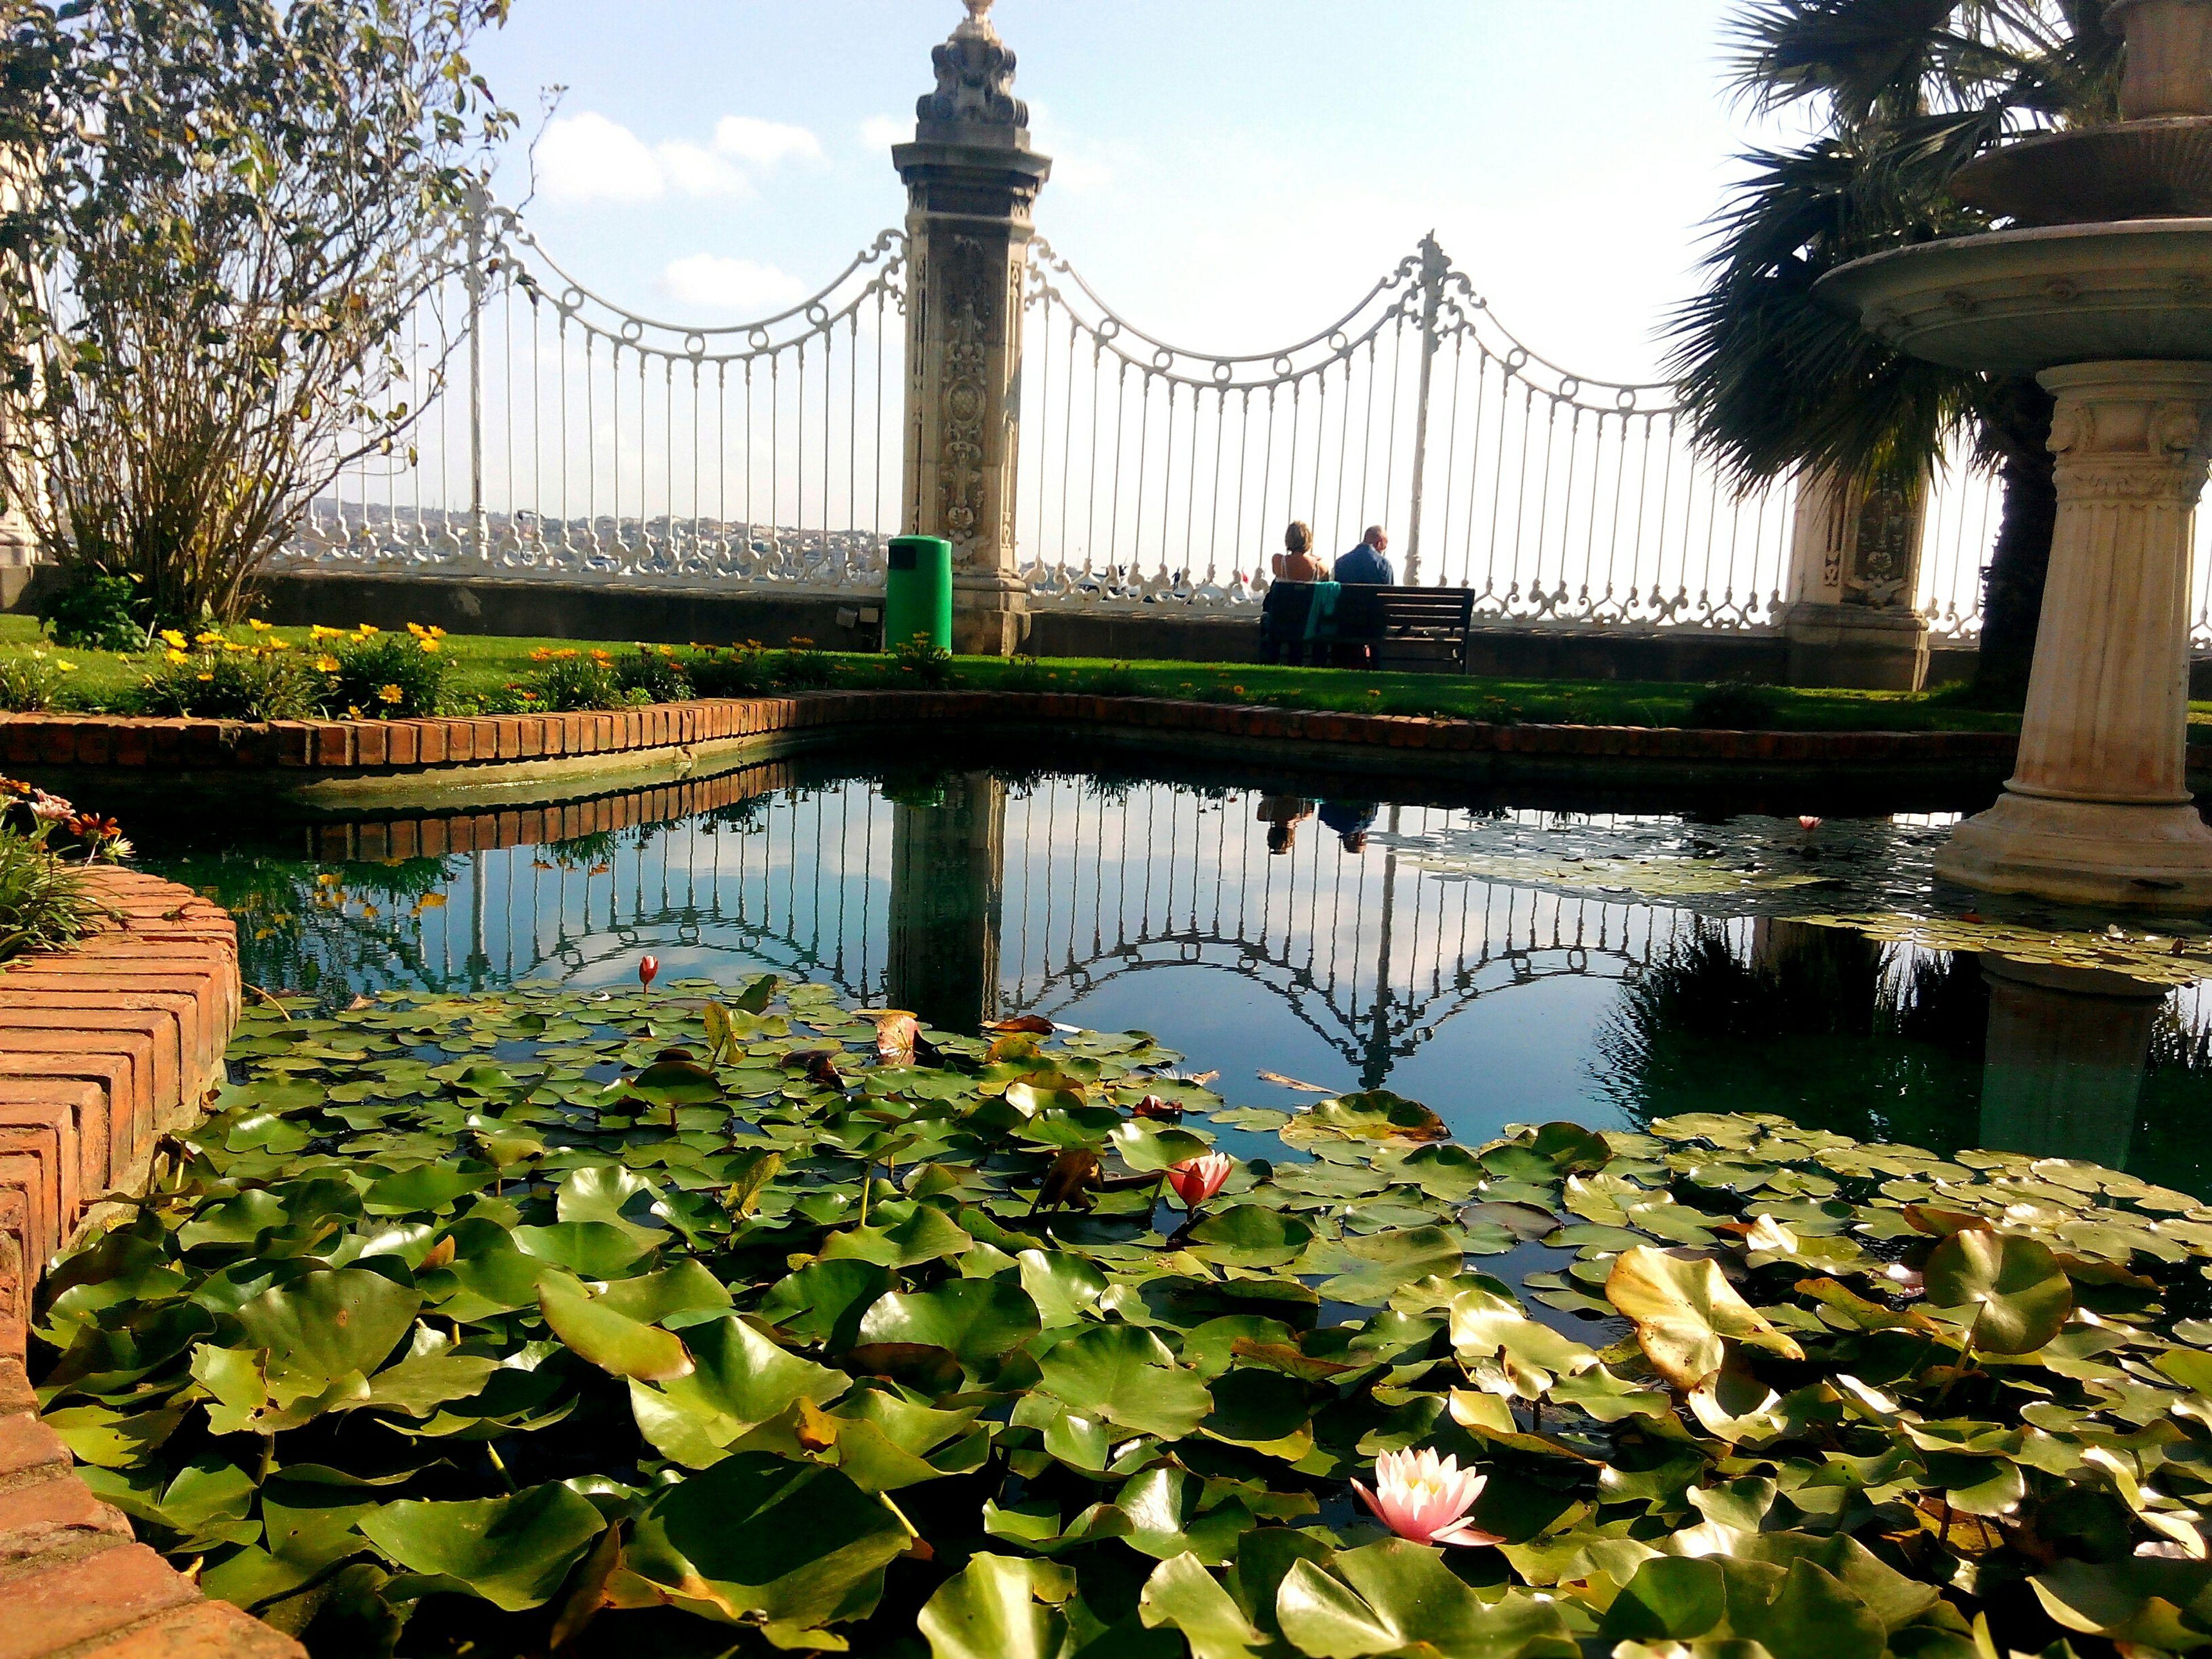 GardenNimphea Lotus Pool Nilüfer HavuzDolmabahceSarayı Sucu Yansıma Reflection